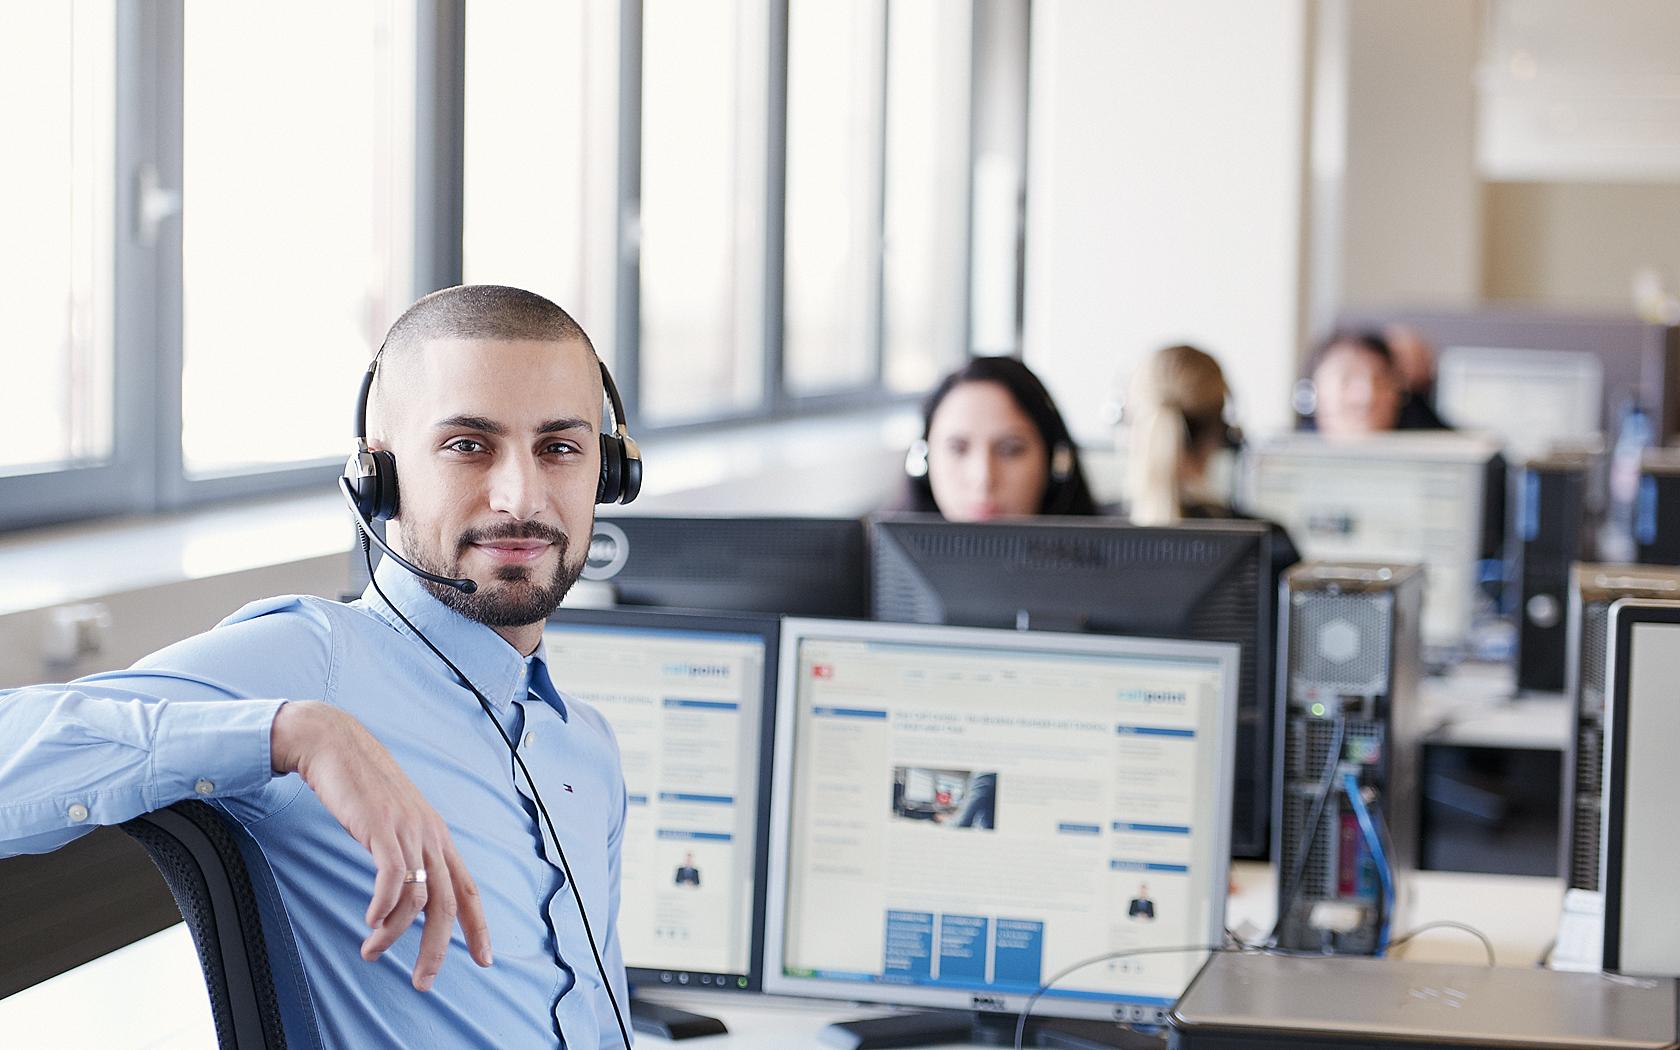 Callcenter Mitarbeiter mit Dreitagebart, blauem Hemd und Headset, blickt direkt in die Kamera,